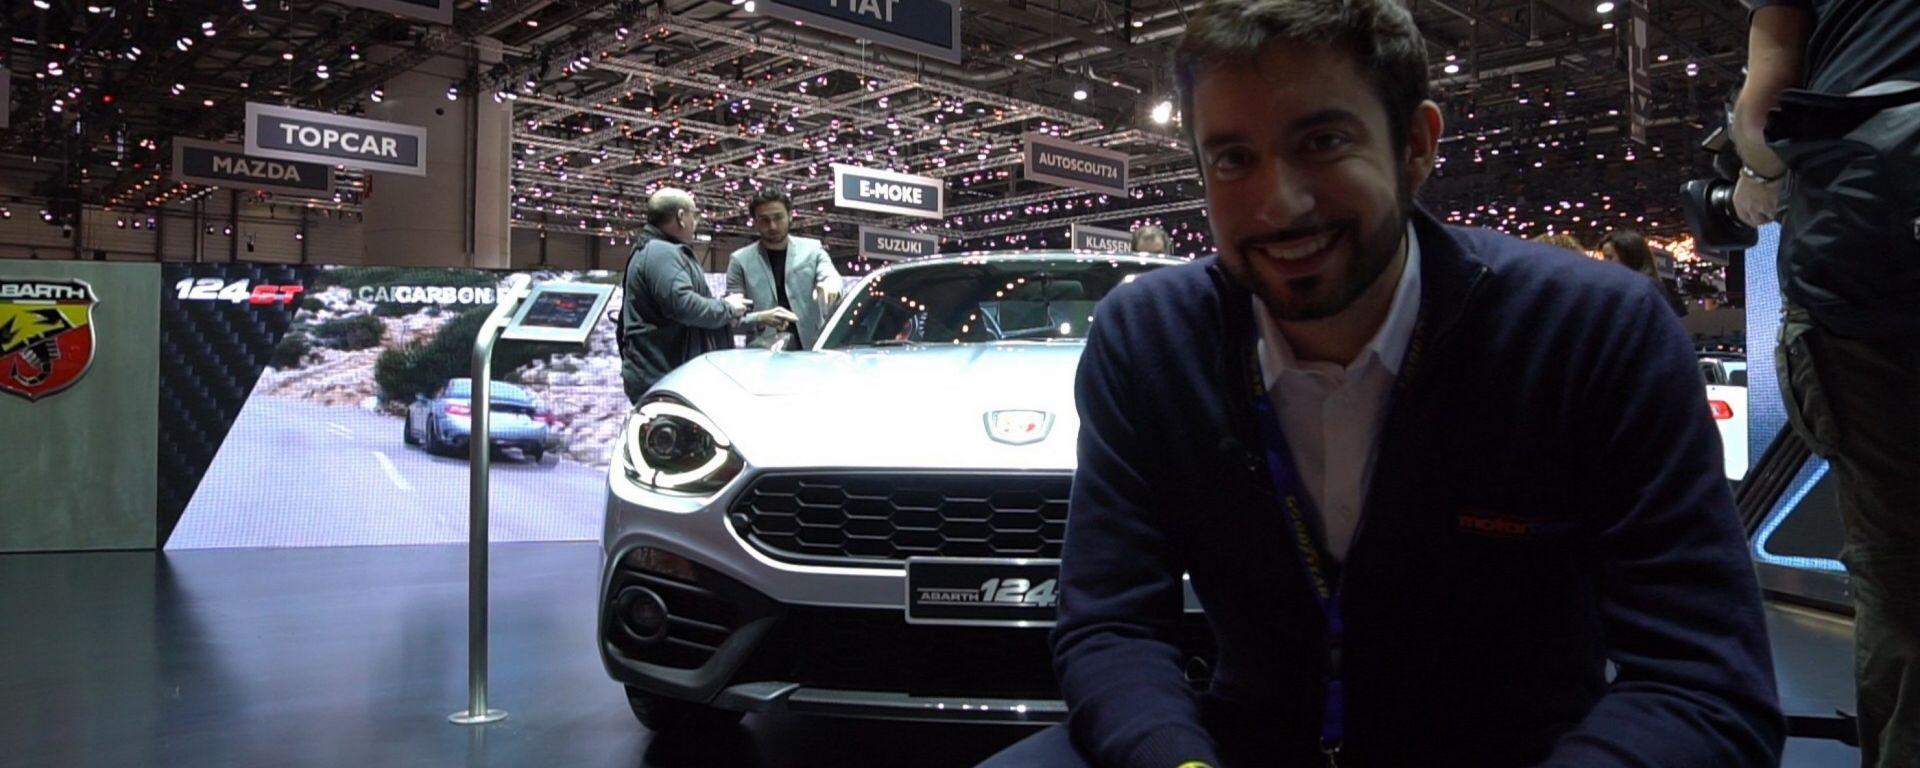 Abarth 124 GT: in video dal Salone di Ginevra 2018